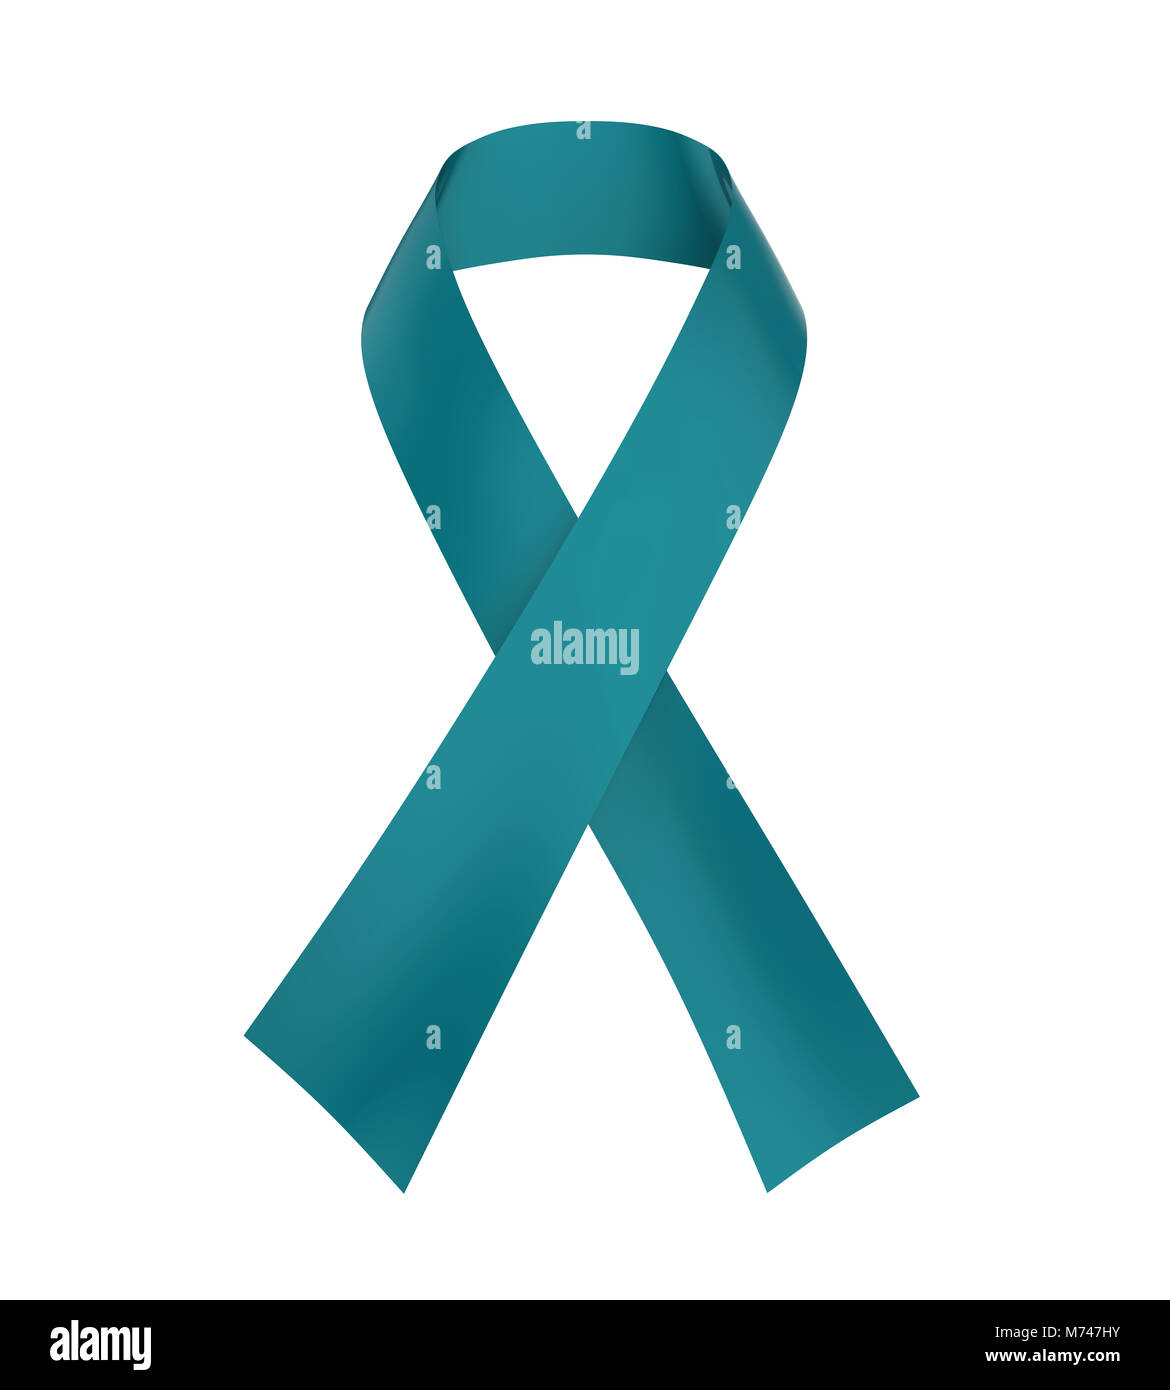 Teal Ribbon Ovarian Cancer Awareness Stock Photo 176500071 Alamy